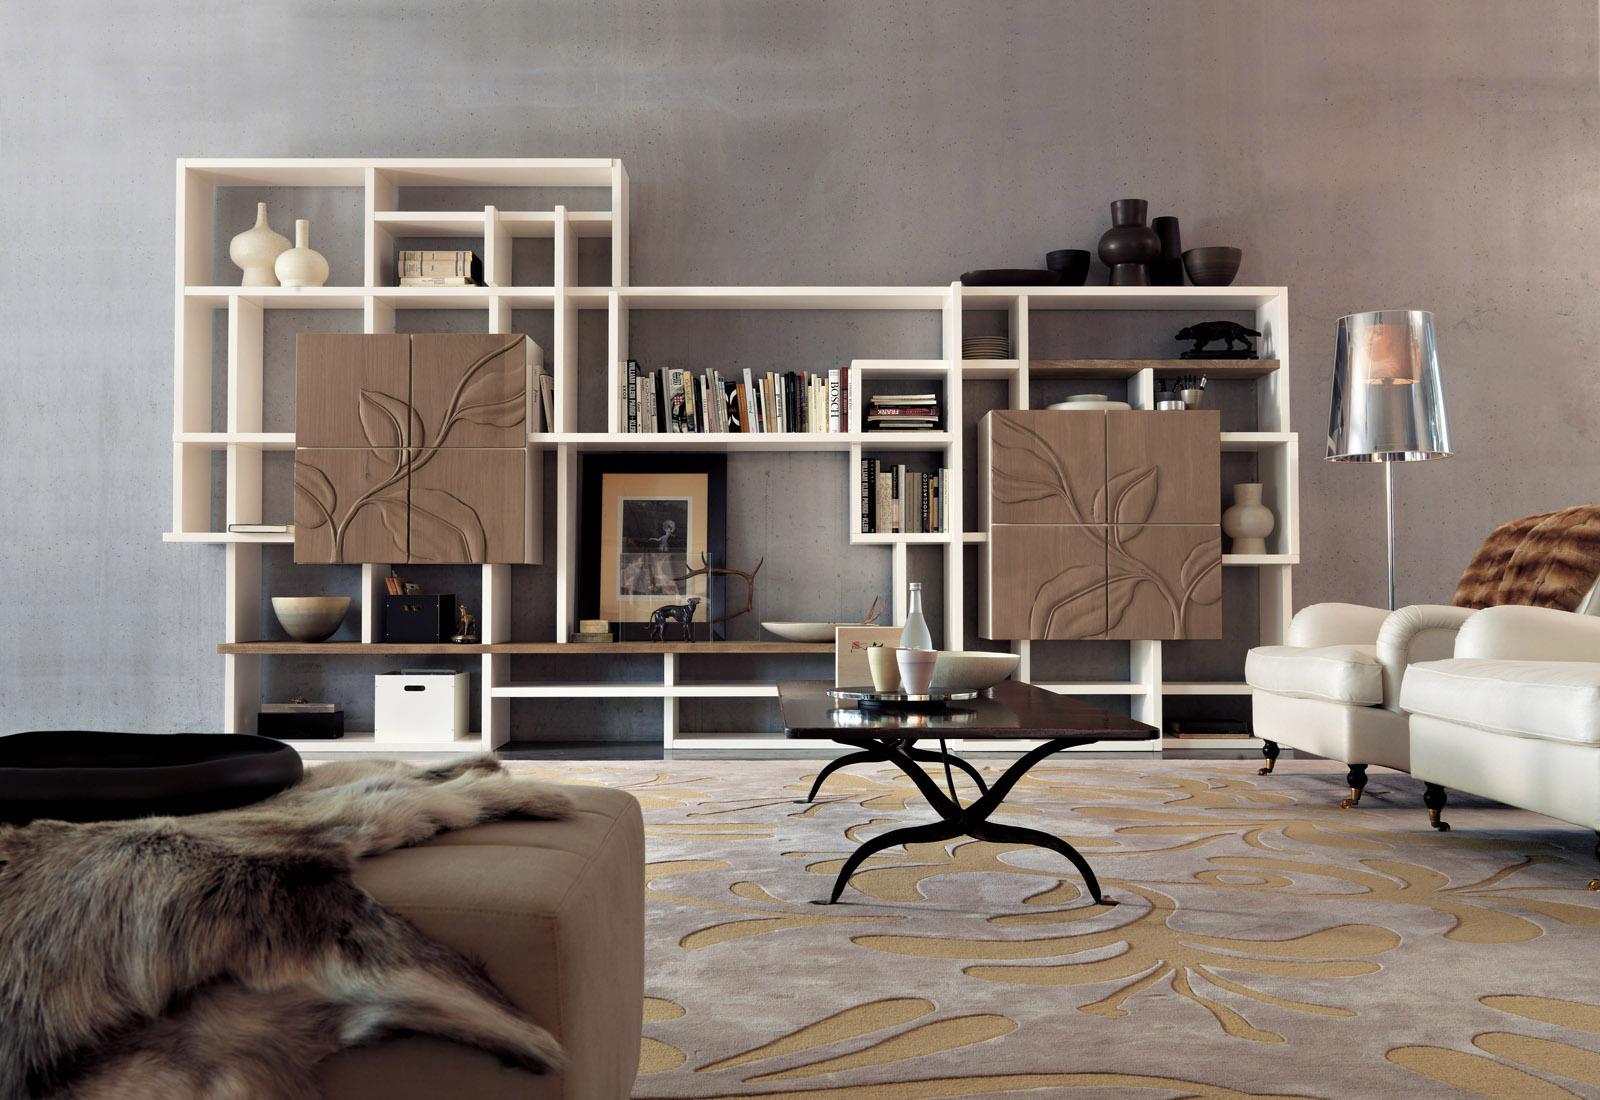 Pareti Attrezzate Moderne Paoletti Arredamenti Frascati Pictures to ...